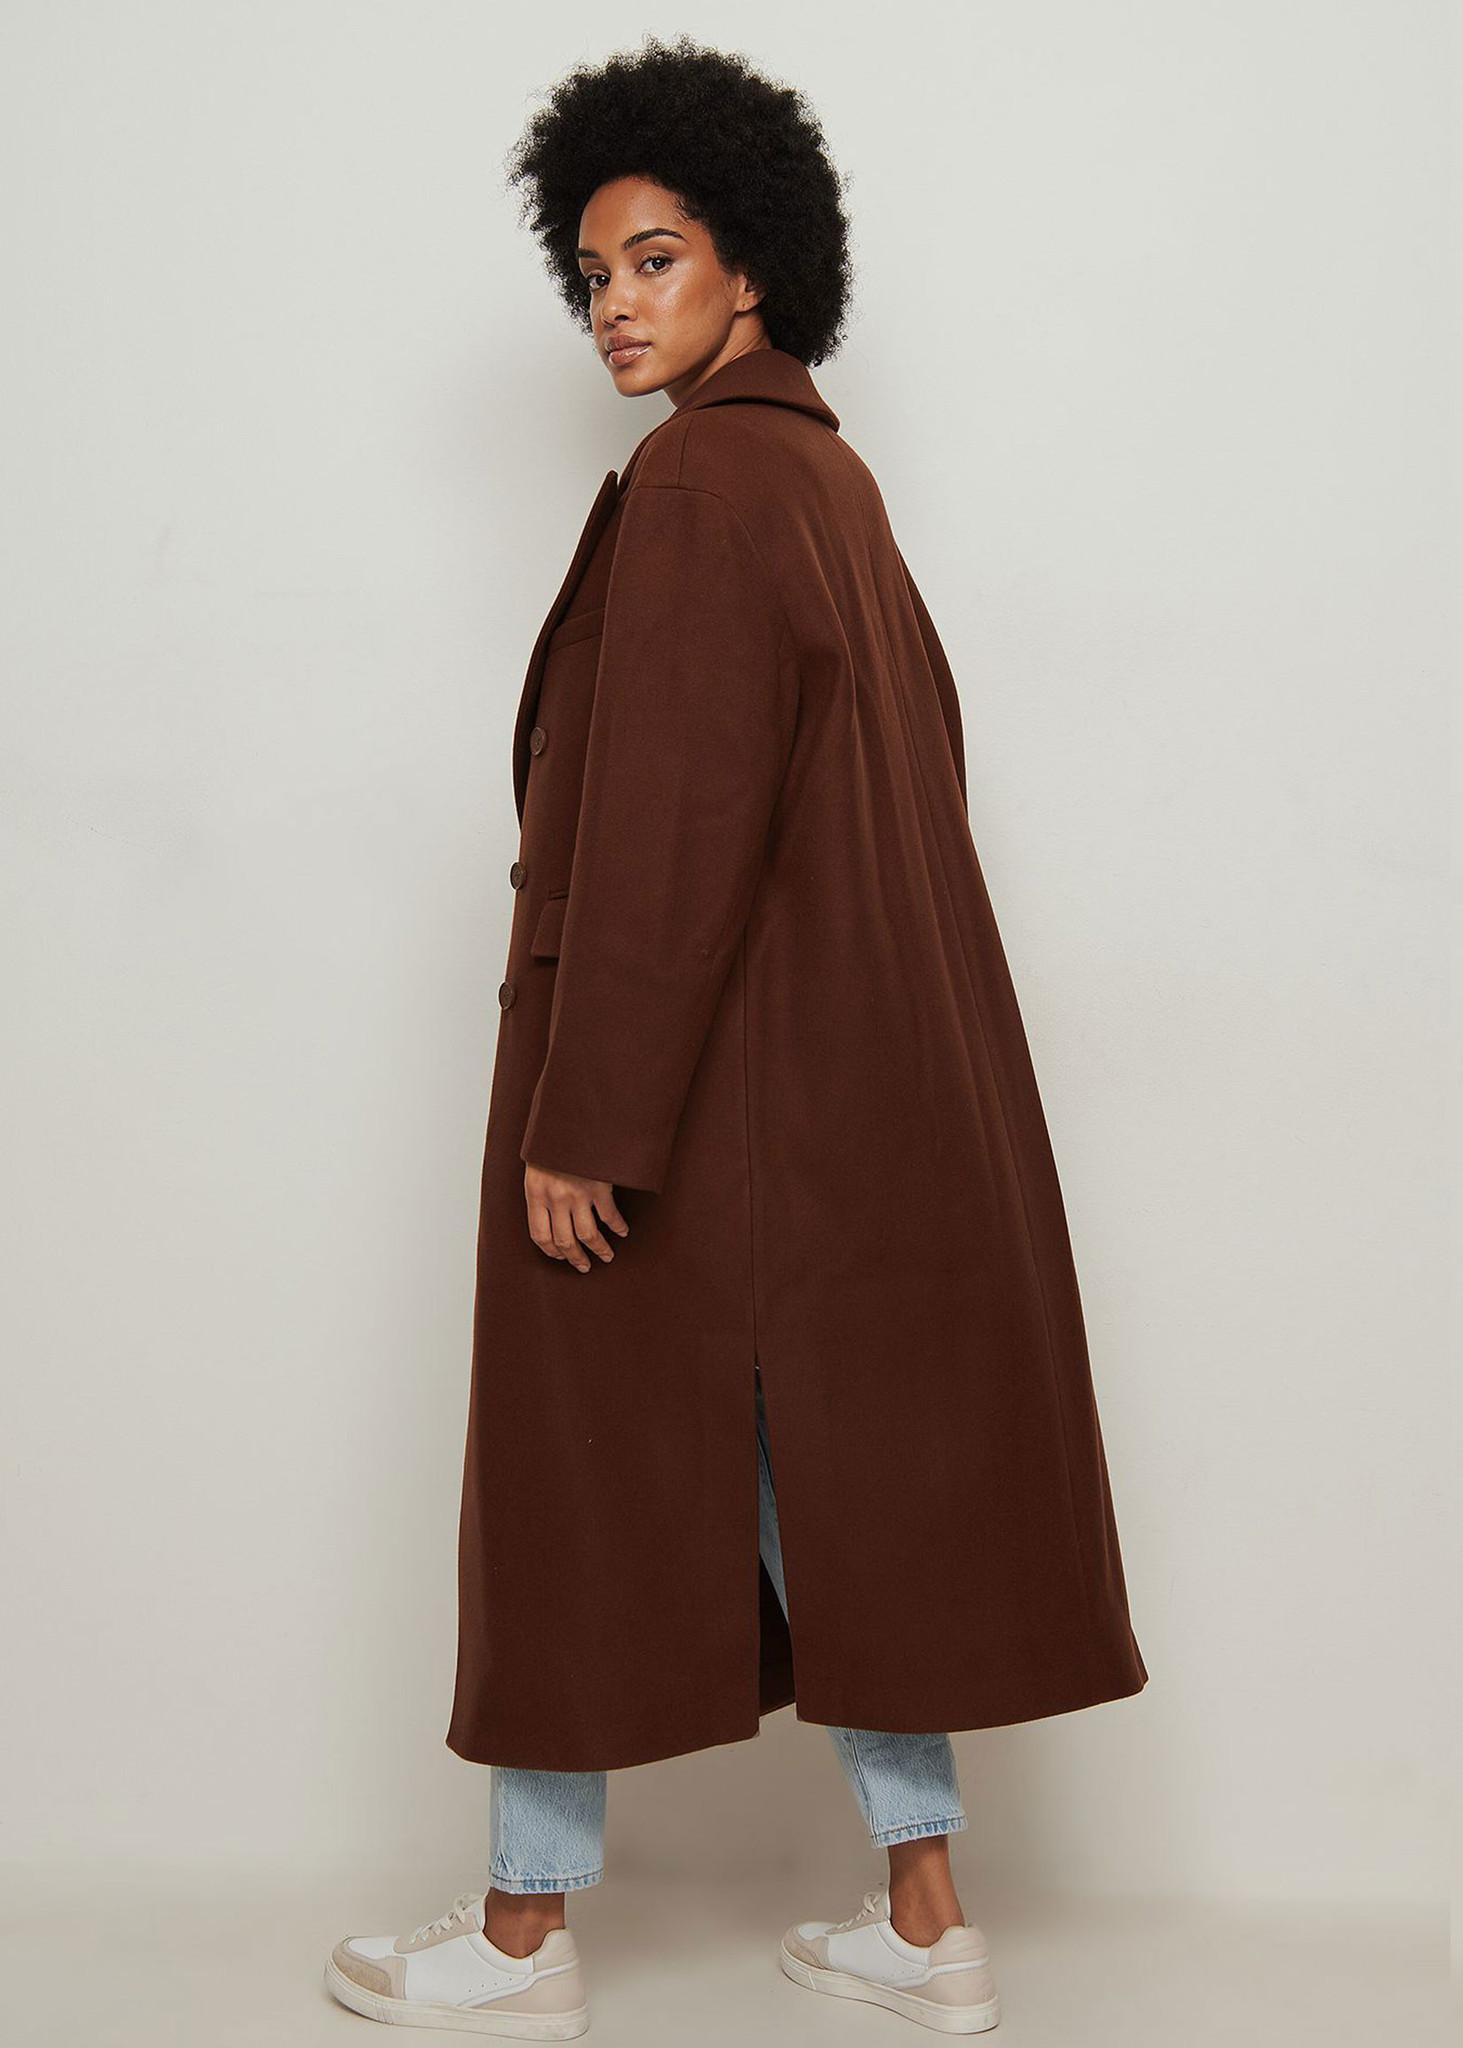 Oversized Side Slit Coat Brown-3